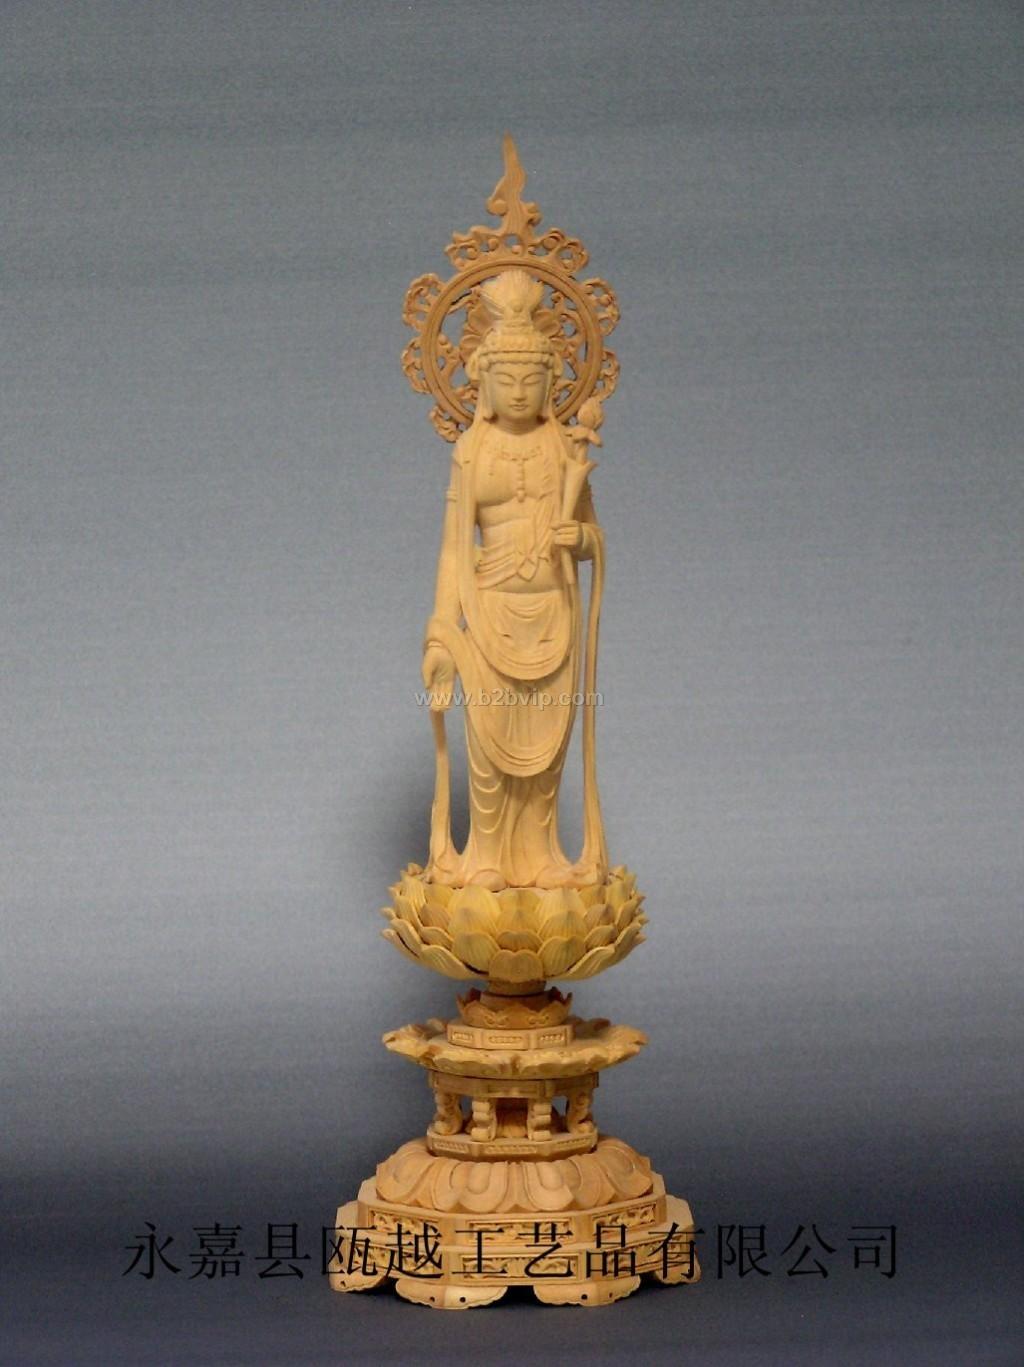 """圣观音,梵文 Avalokite?vara,又作观世音菩萨、观自在菩萨、光世音菩萨等,从字面解释就是观察(世间民众的)声音的菩萨,是四大菩萨之一。他相貌端庄慈祥,经常手持净瓶杨柳,具有无量的智慧和神通,大慈大悲,普救人间疾苦。当人们遇到灾难时,只要念其名号,便前往救度,所以称观世音。根据《法华经》,""""若有众生多于淫欲,常念恭敬观世音菩萨,便得离欲。"""